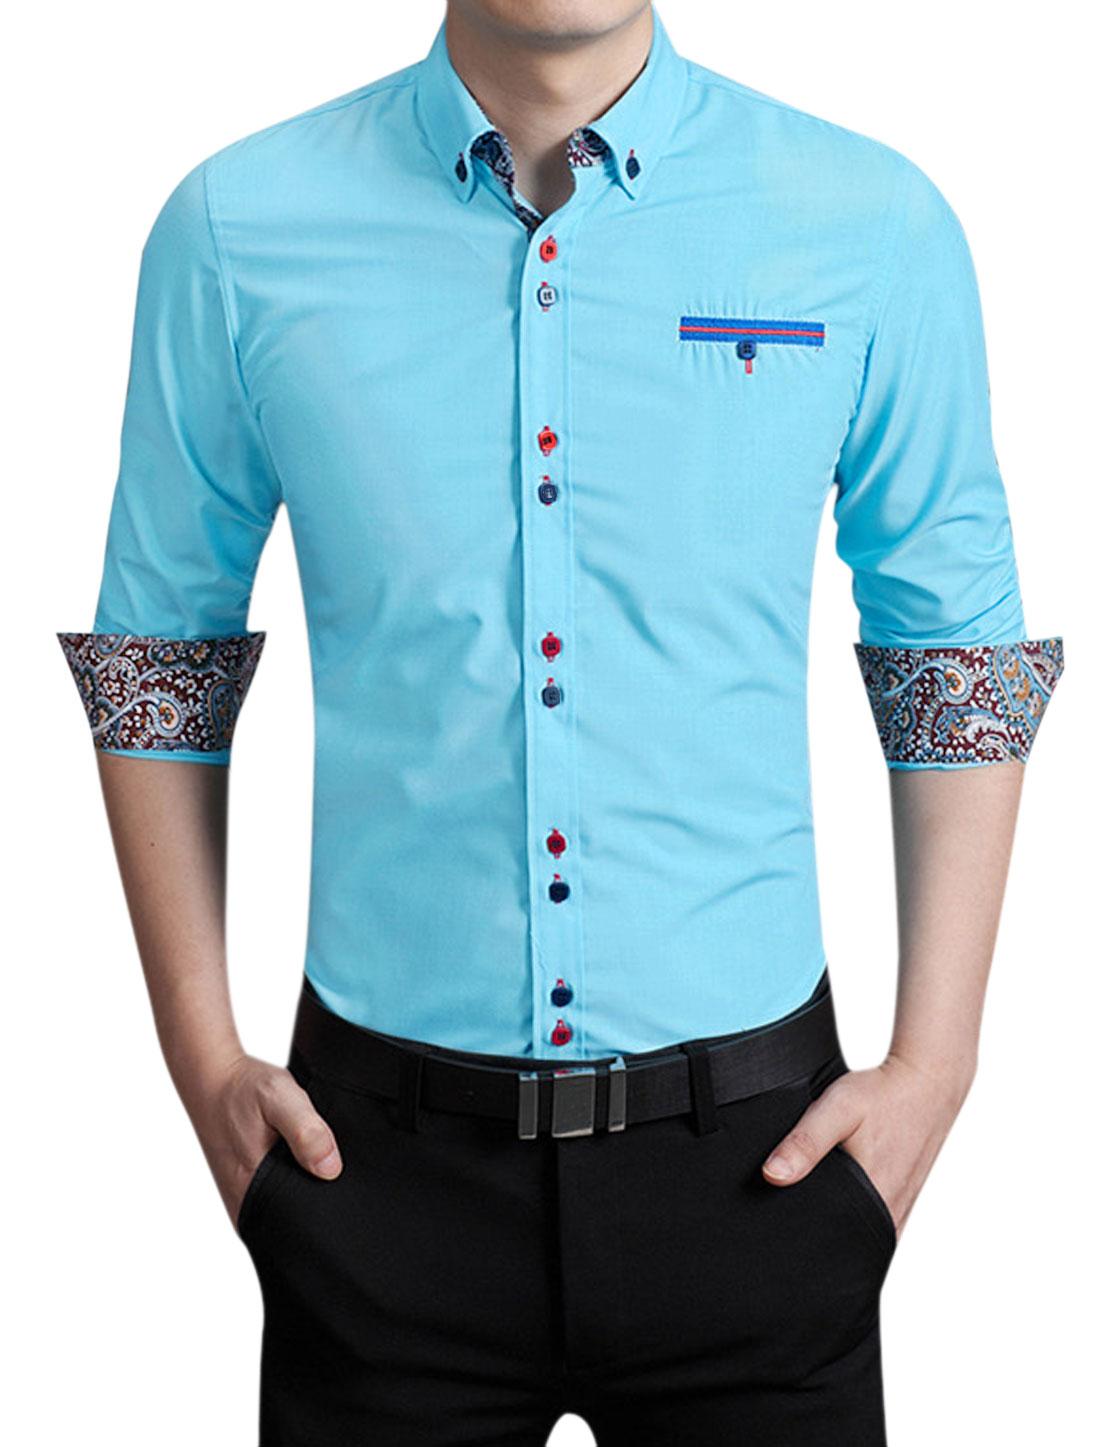 Men Button Collar Long Sleeves Form Fitting Shirt Light Blue M